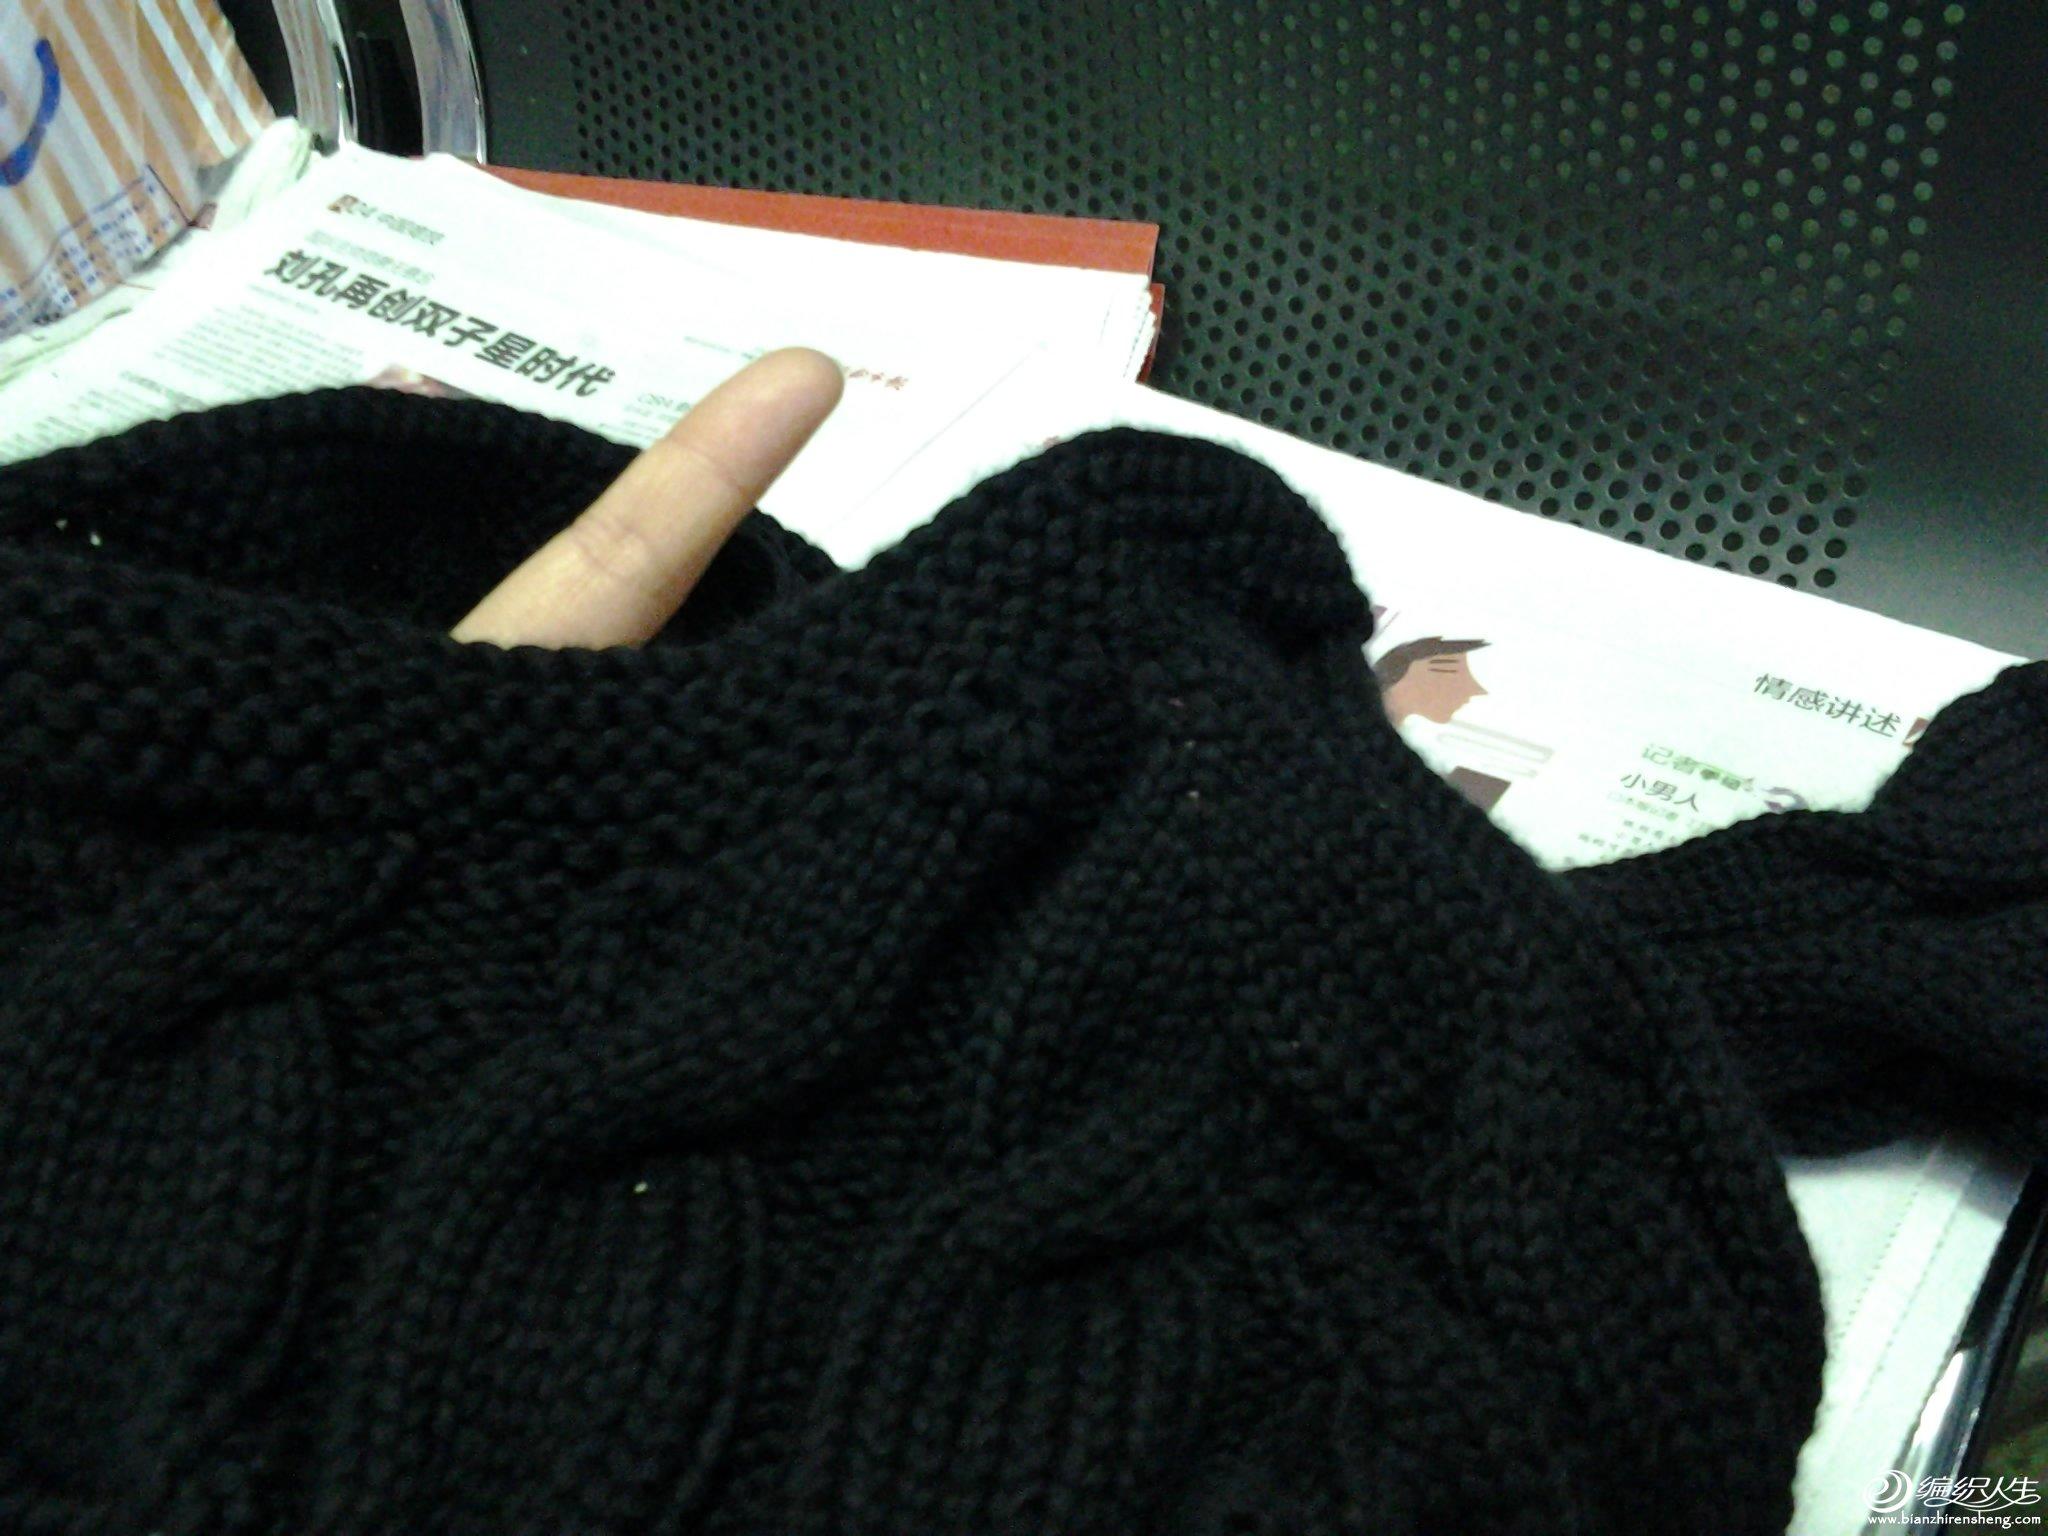 2012-11-25 17.17.01.jpg